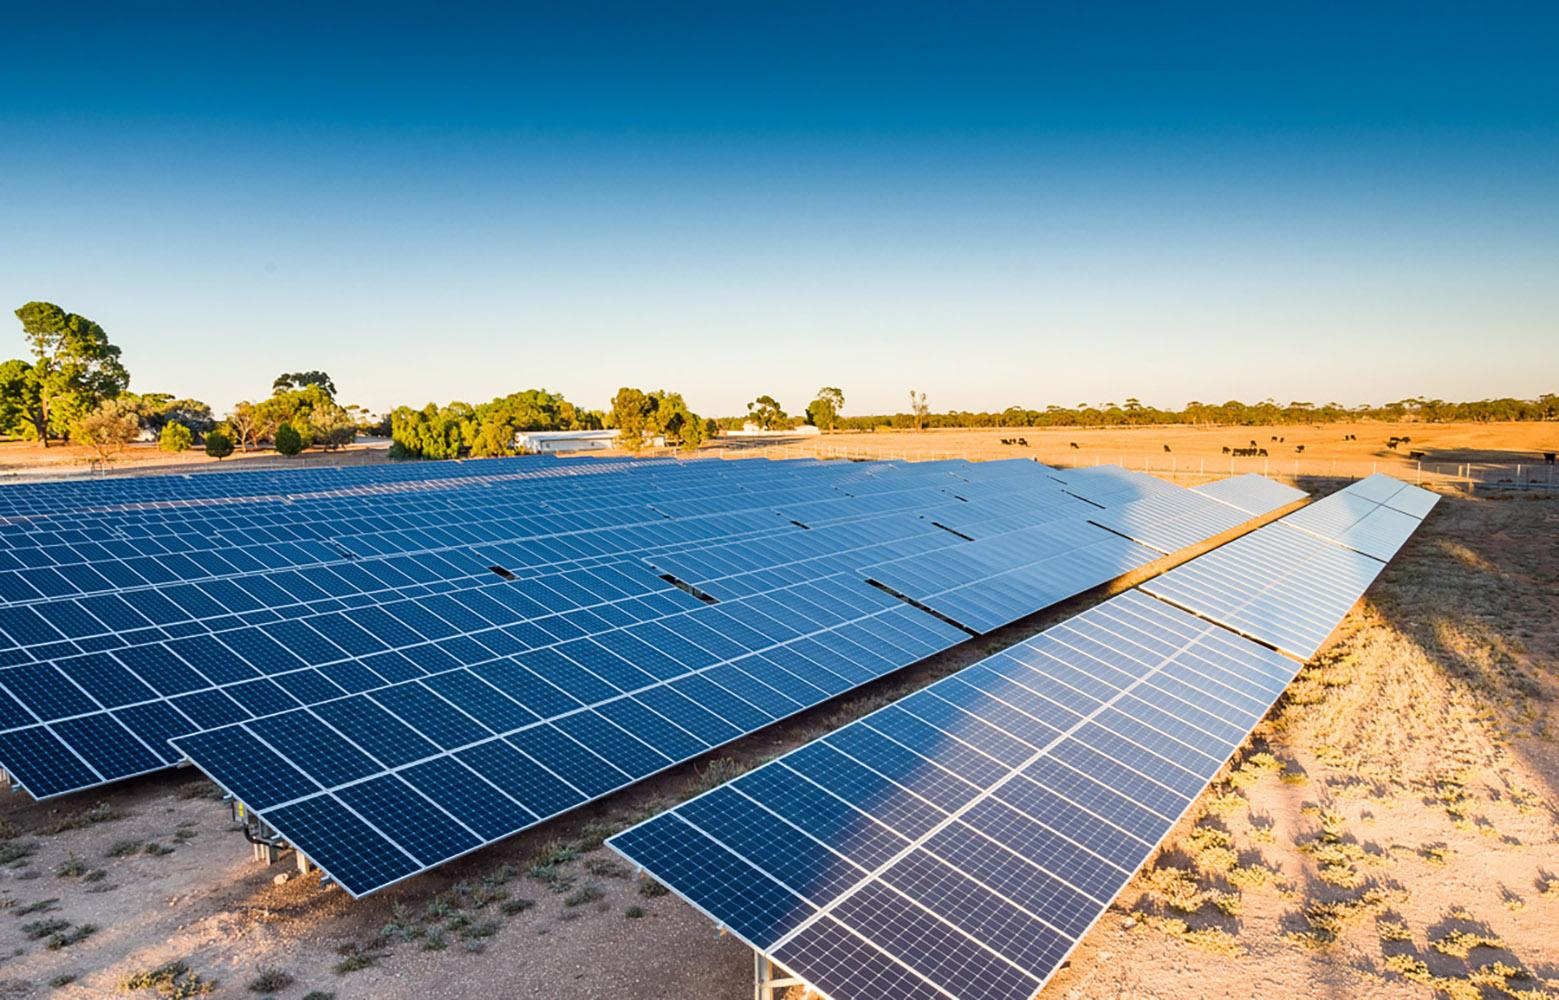 Roseworthy solar farm